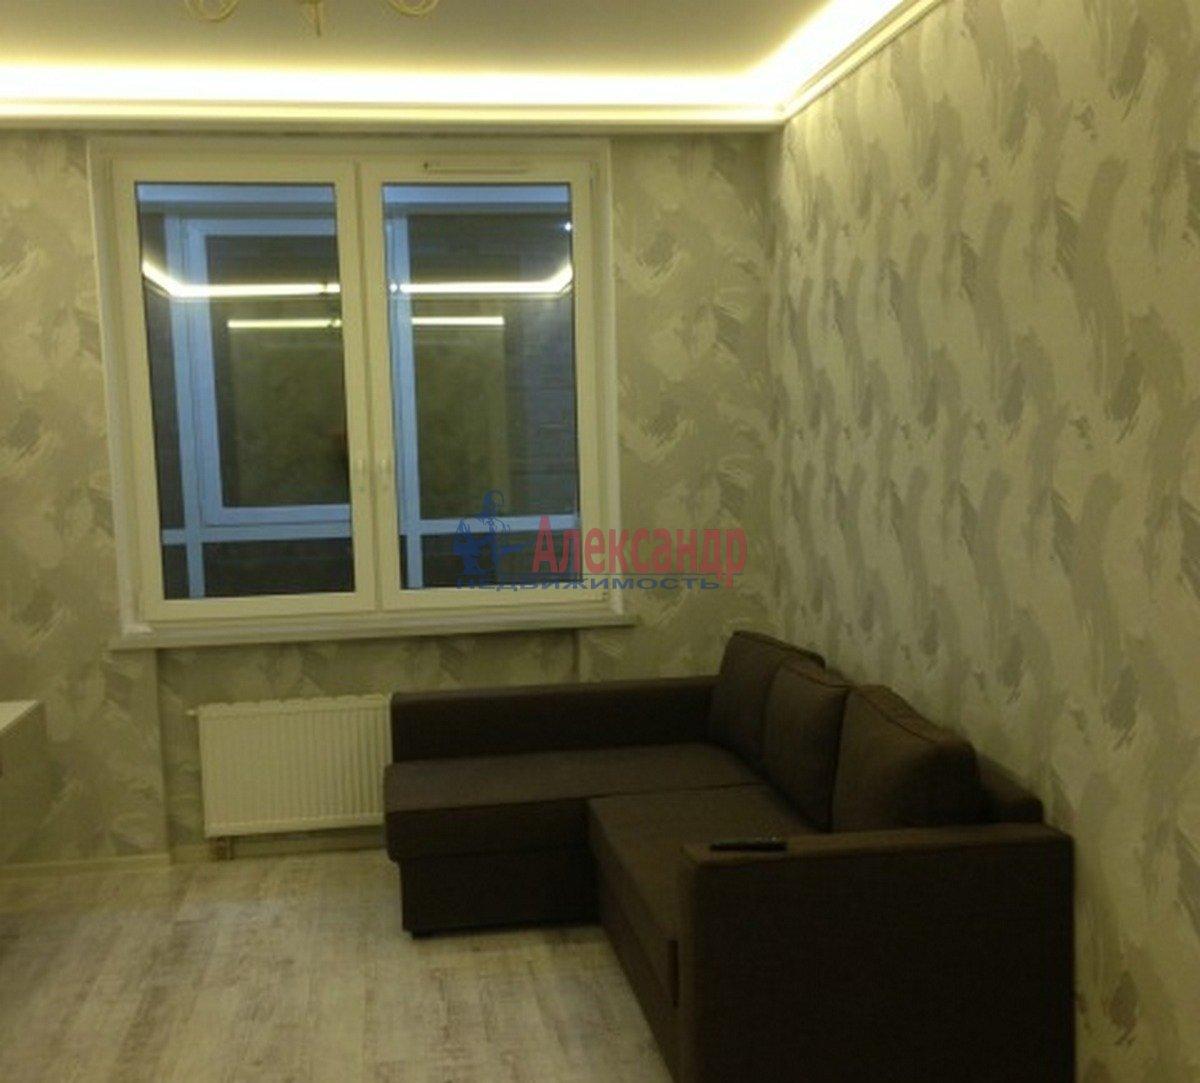 1-комнатная квартира (40м2) в аренду по адресу Адмирала Коновалова ул., 2— фото 1 из 9